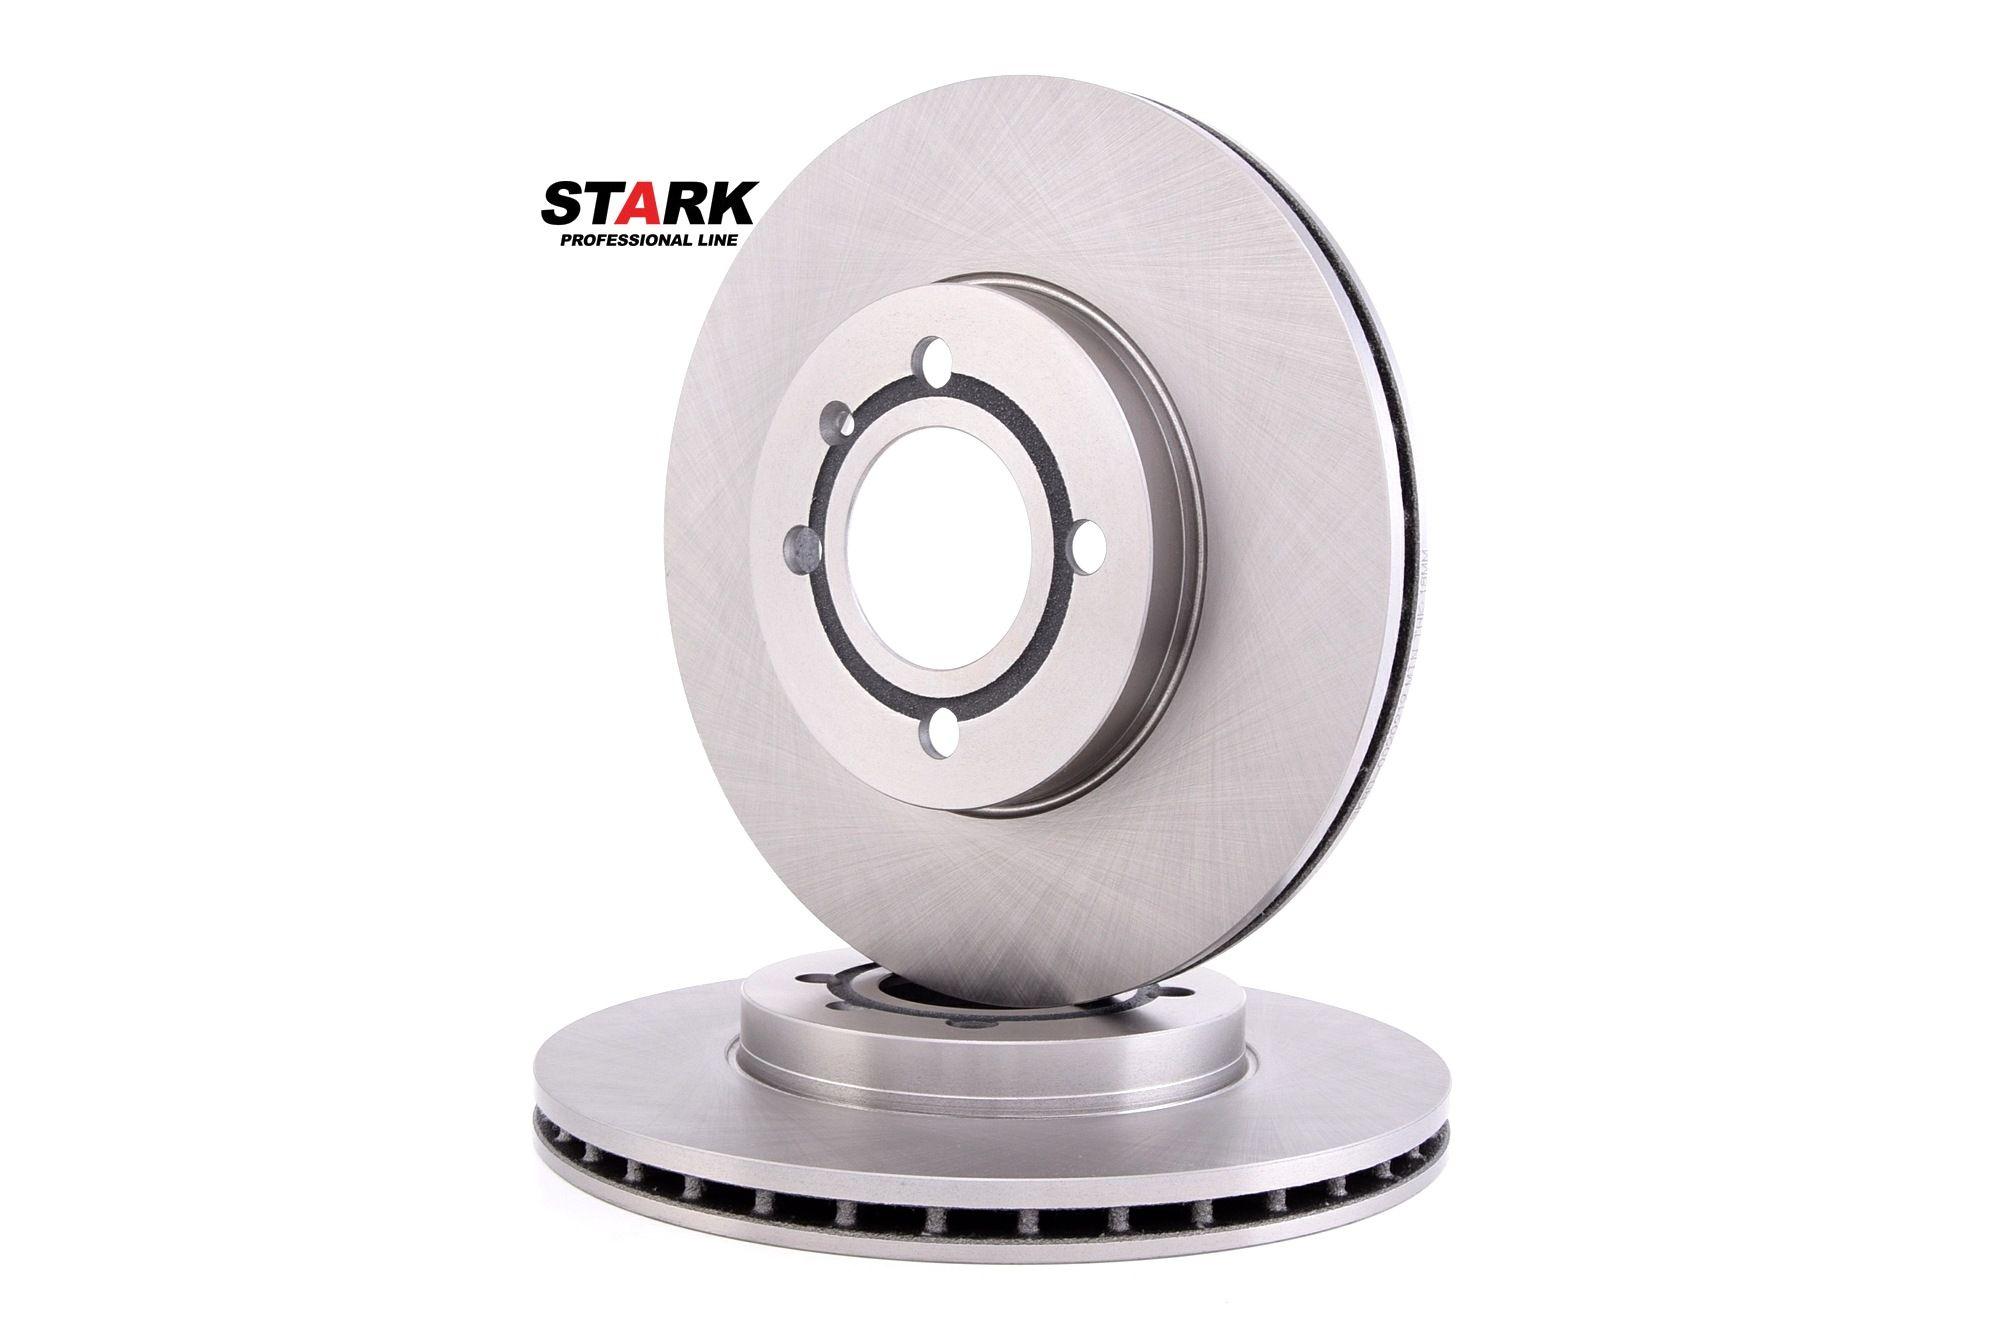 Achetez Disques de frein STARK SKBD-0020219 (Ø: 256mm, Nbre de trous: 4, Épaisseur du disque de frein: 20mm) à un rapport qualité-prix exceptionnel